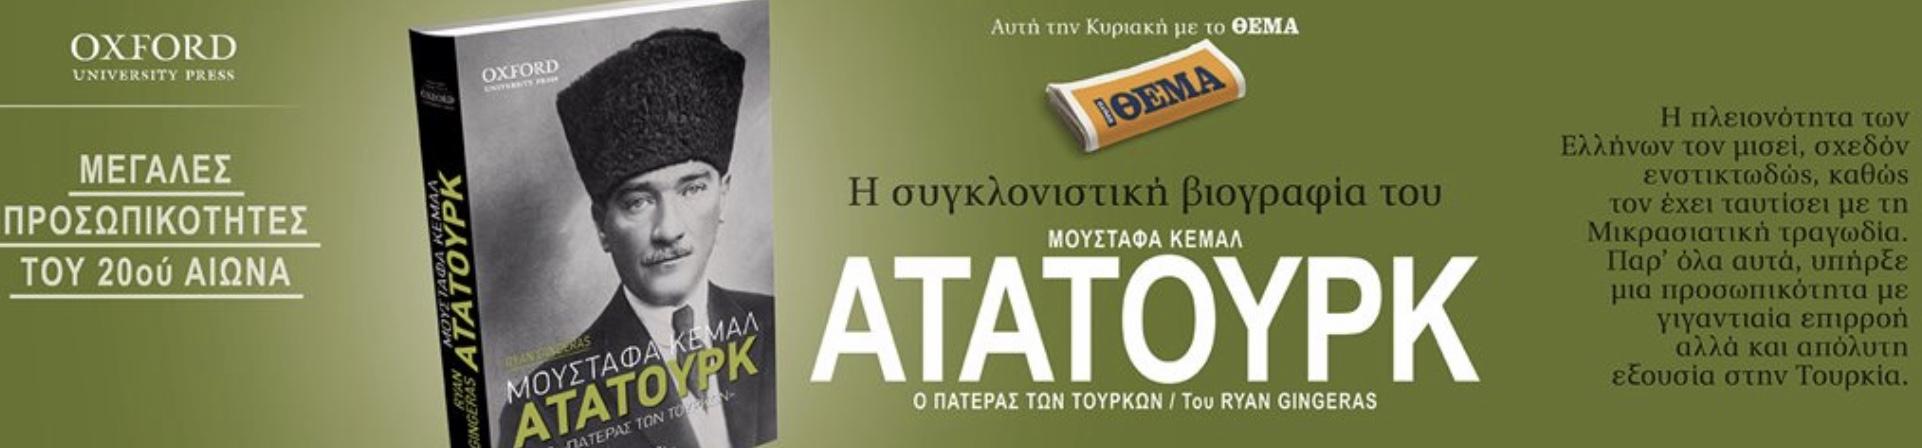 Άλλη μια φιλελληνική προσφορά ελληνικής εφημερίδας.